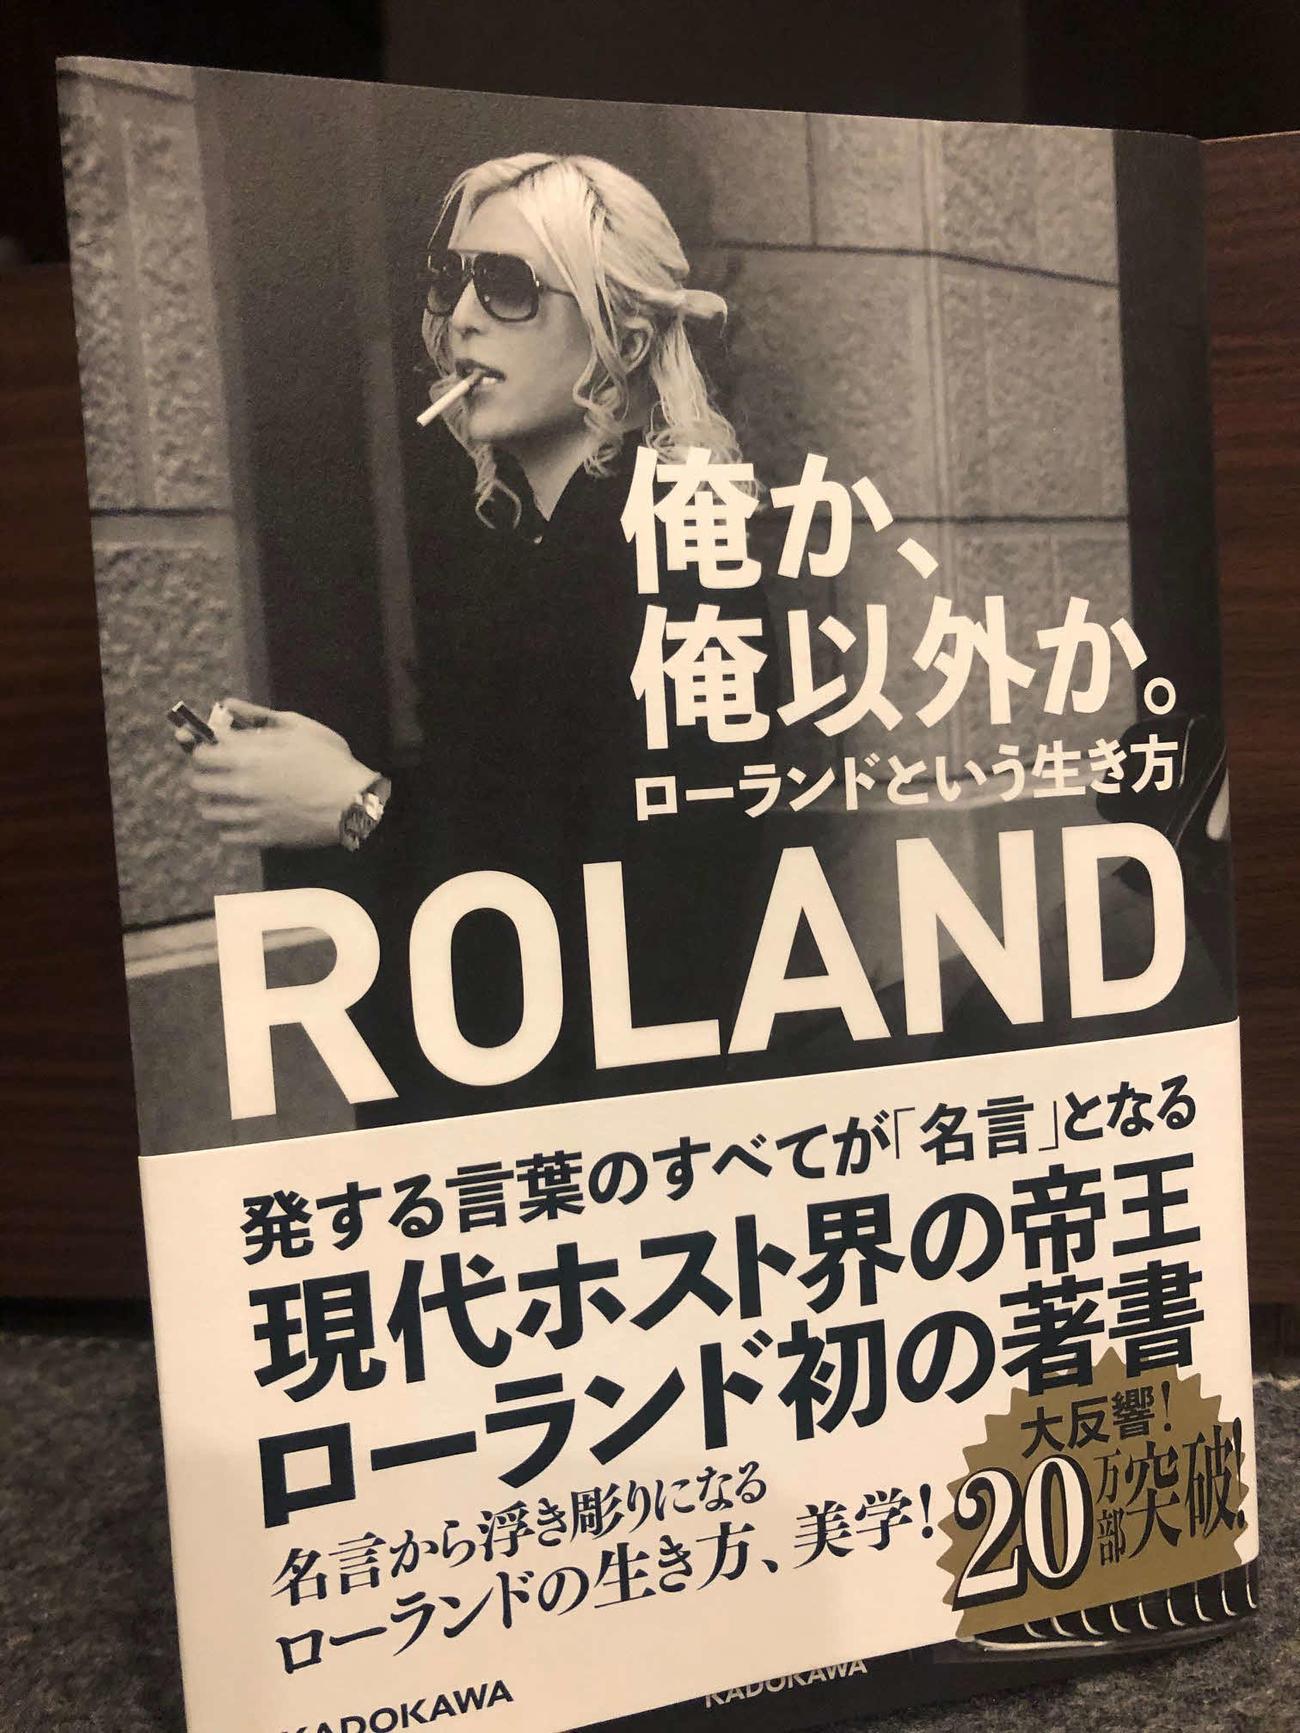 ローランドの著書「俺か、俺以外か。 ローランドという生き方」